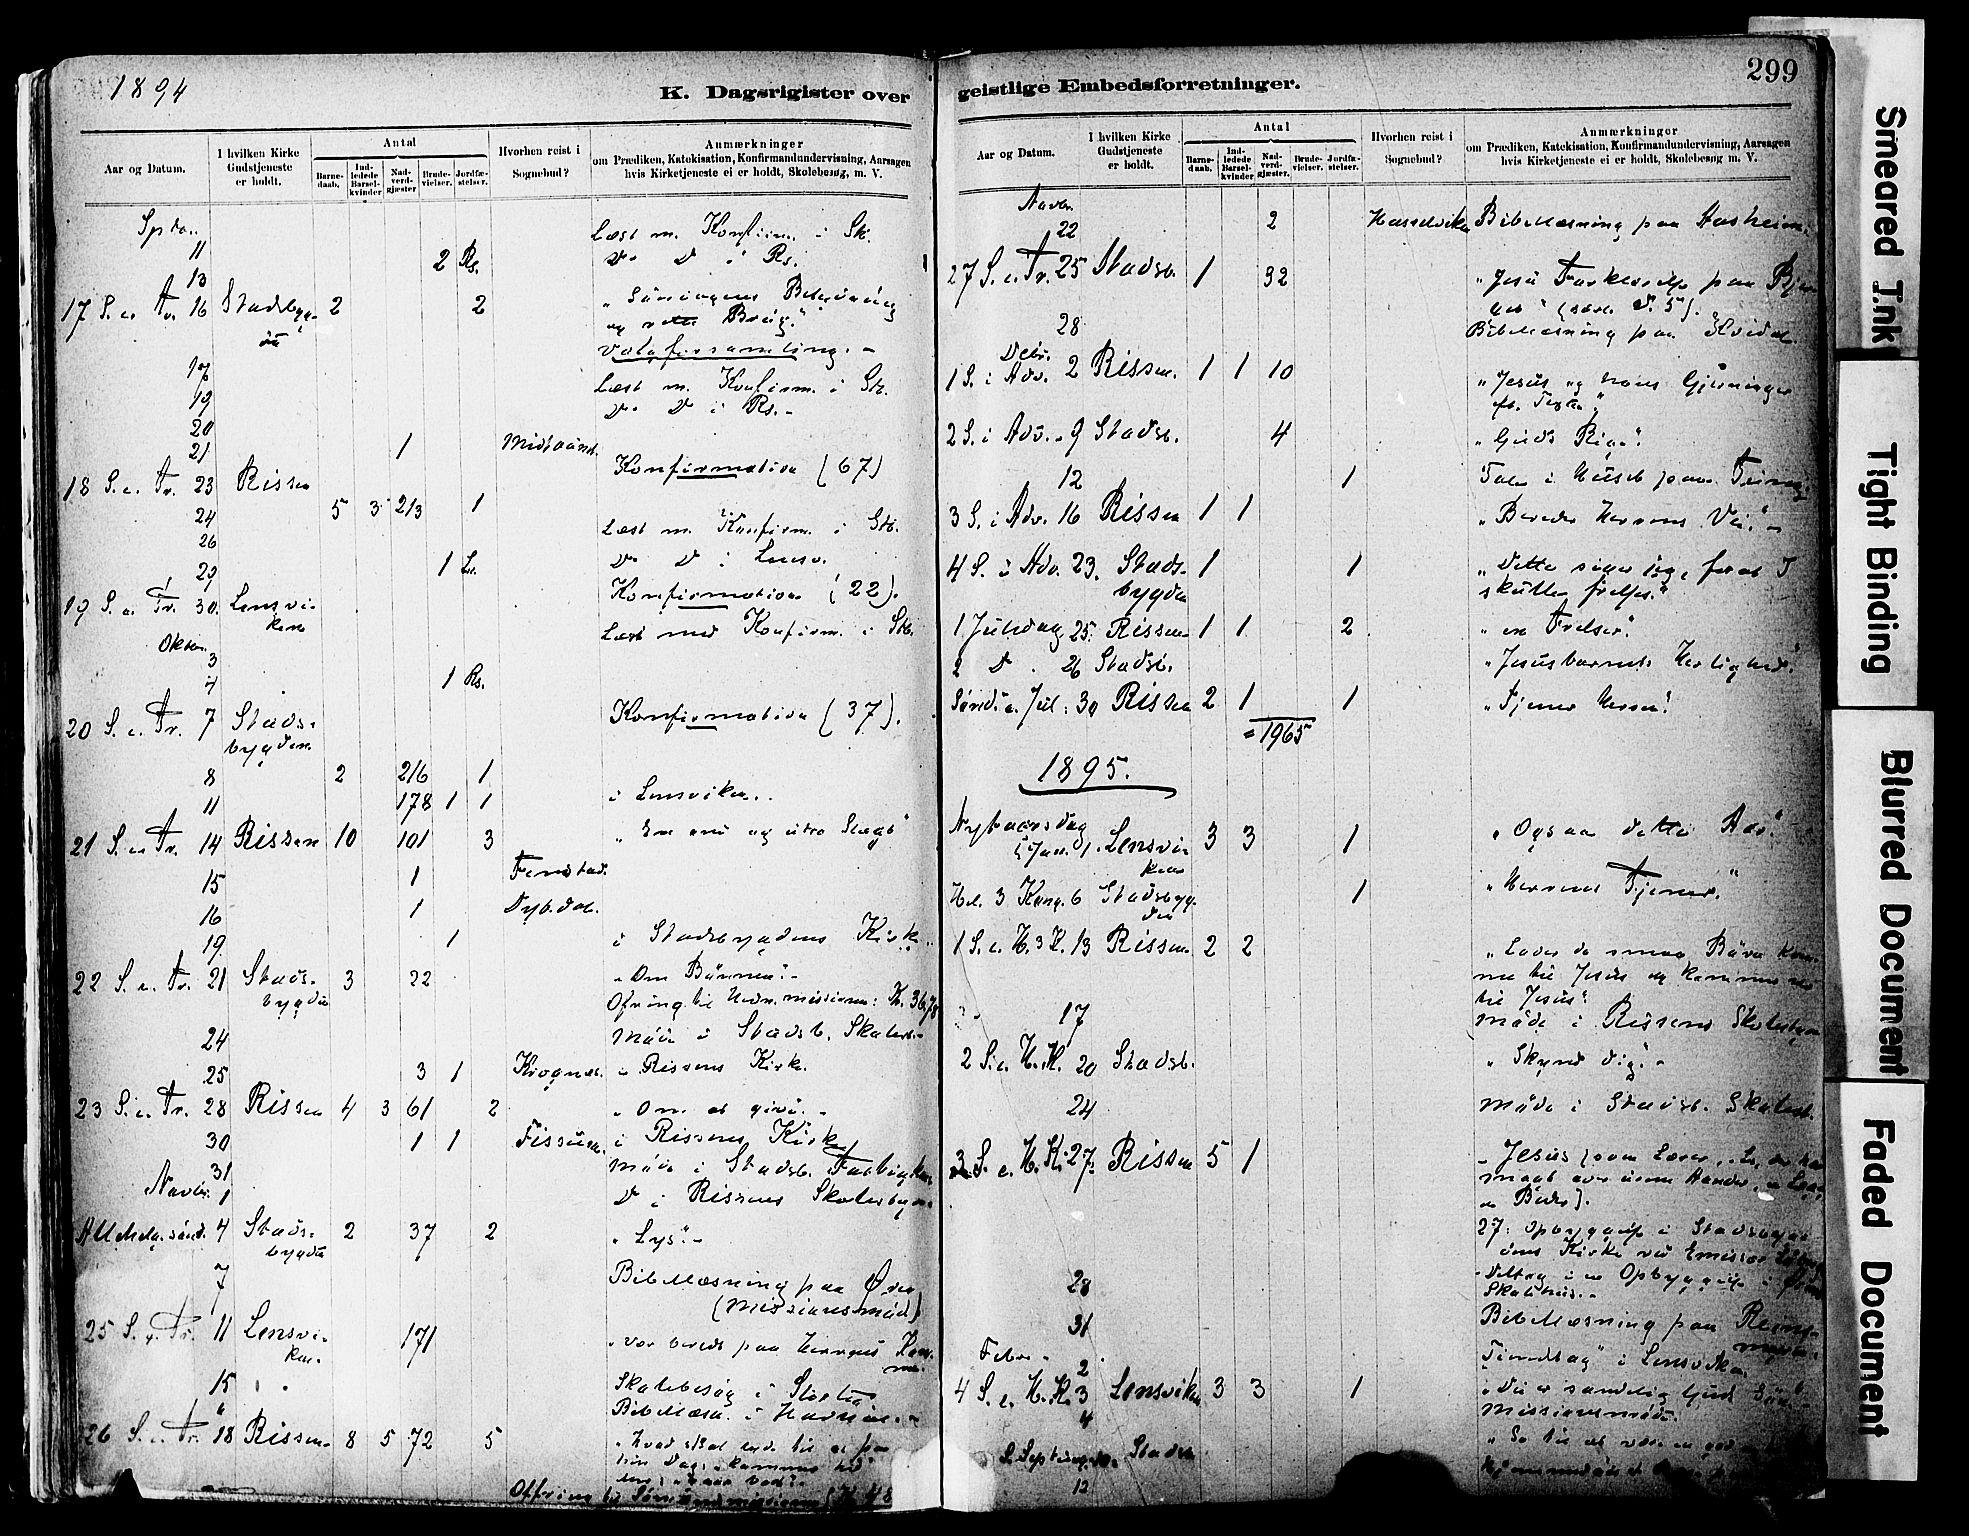 SAT, Ministerialprotokoller, klokkerbøker og fødselsregistre - Sør-Trøndelag, 646/L0615: Ministerialbok nr. 646A13, 1885-1900, s. 299